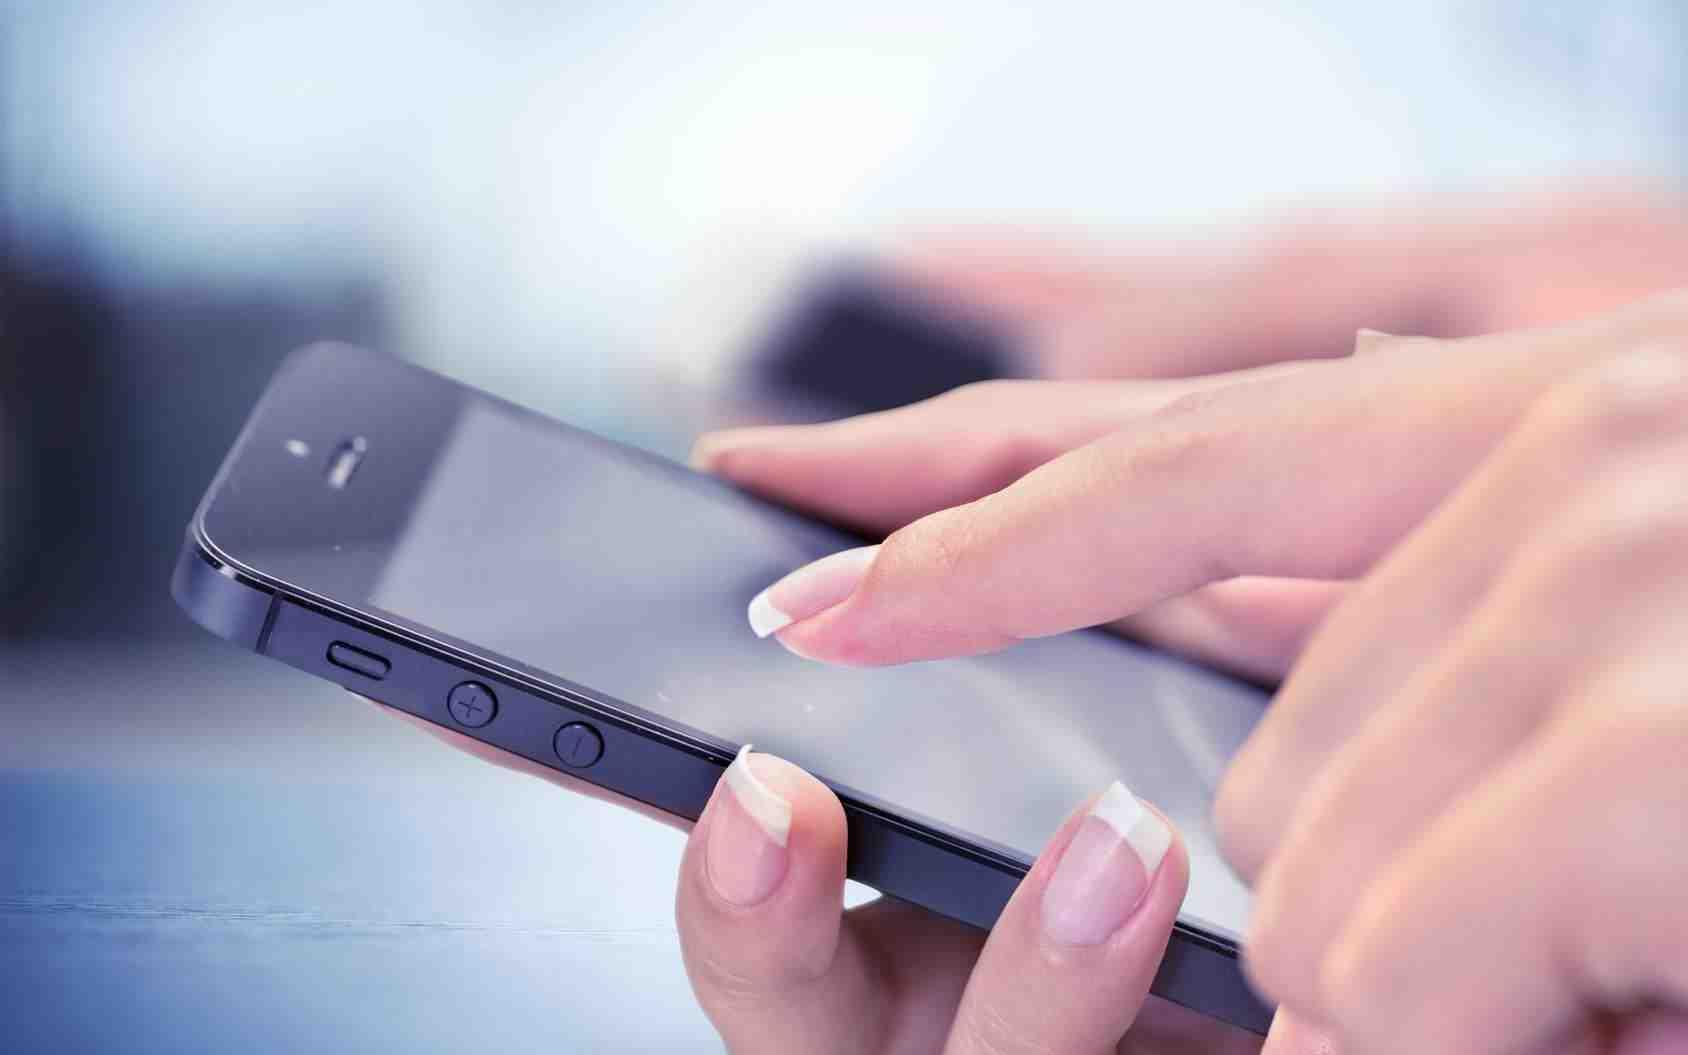 Comment remplacer la batterie de l'iphone 5